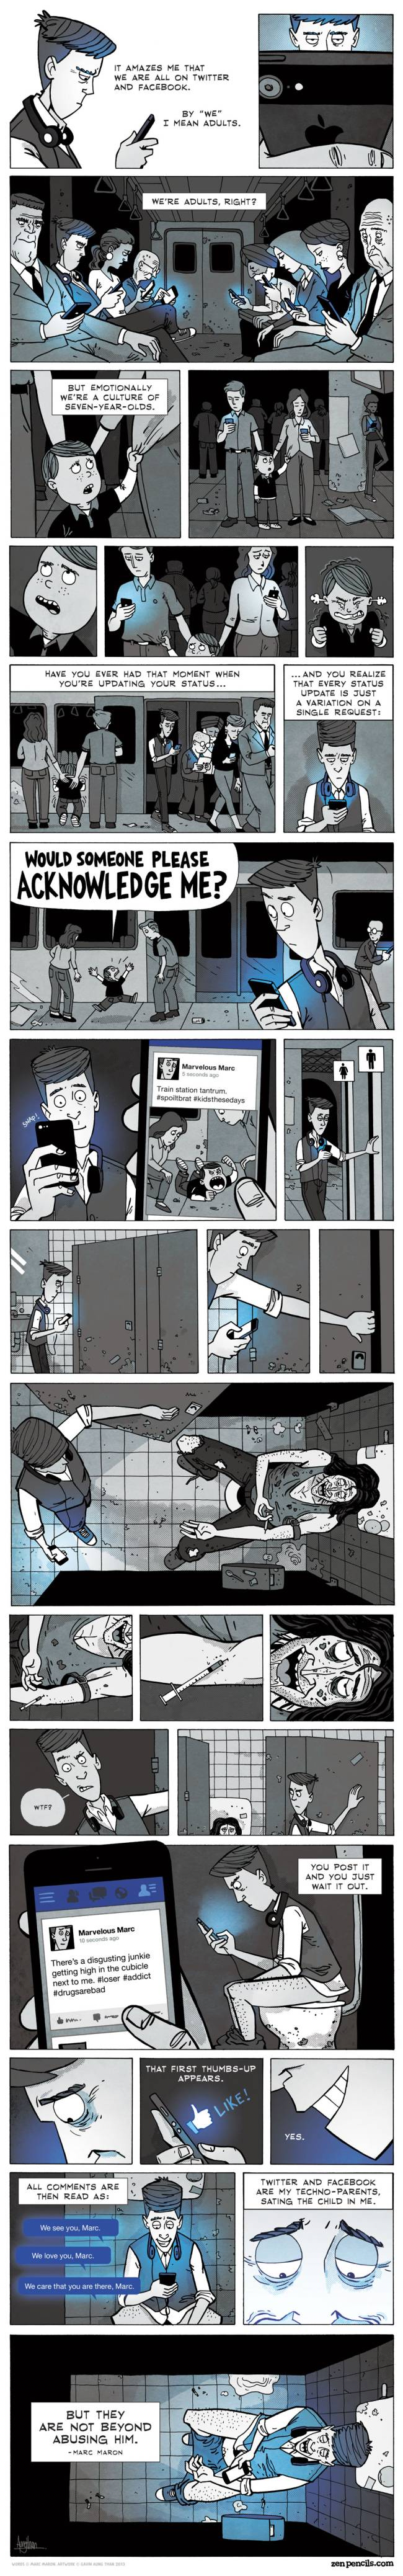 Bande dessinée sur la dépendance aux réseaux sociaux : the social media generation par Marc Maron